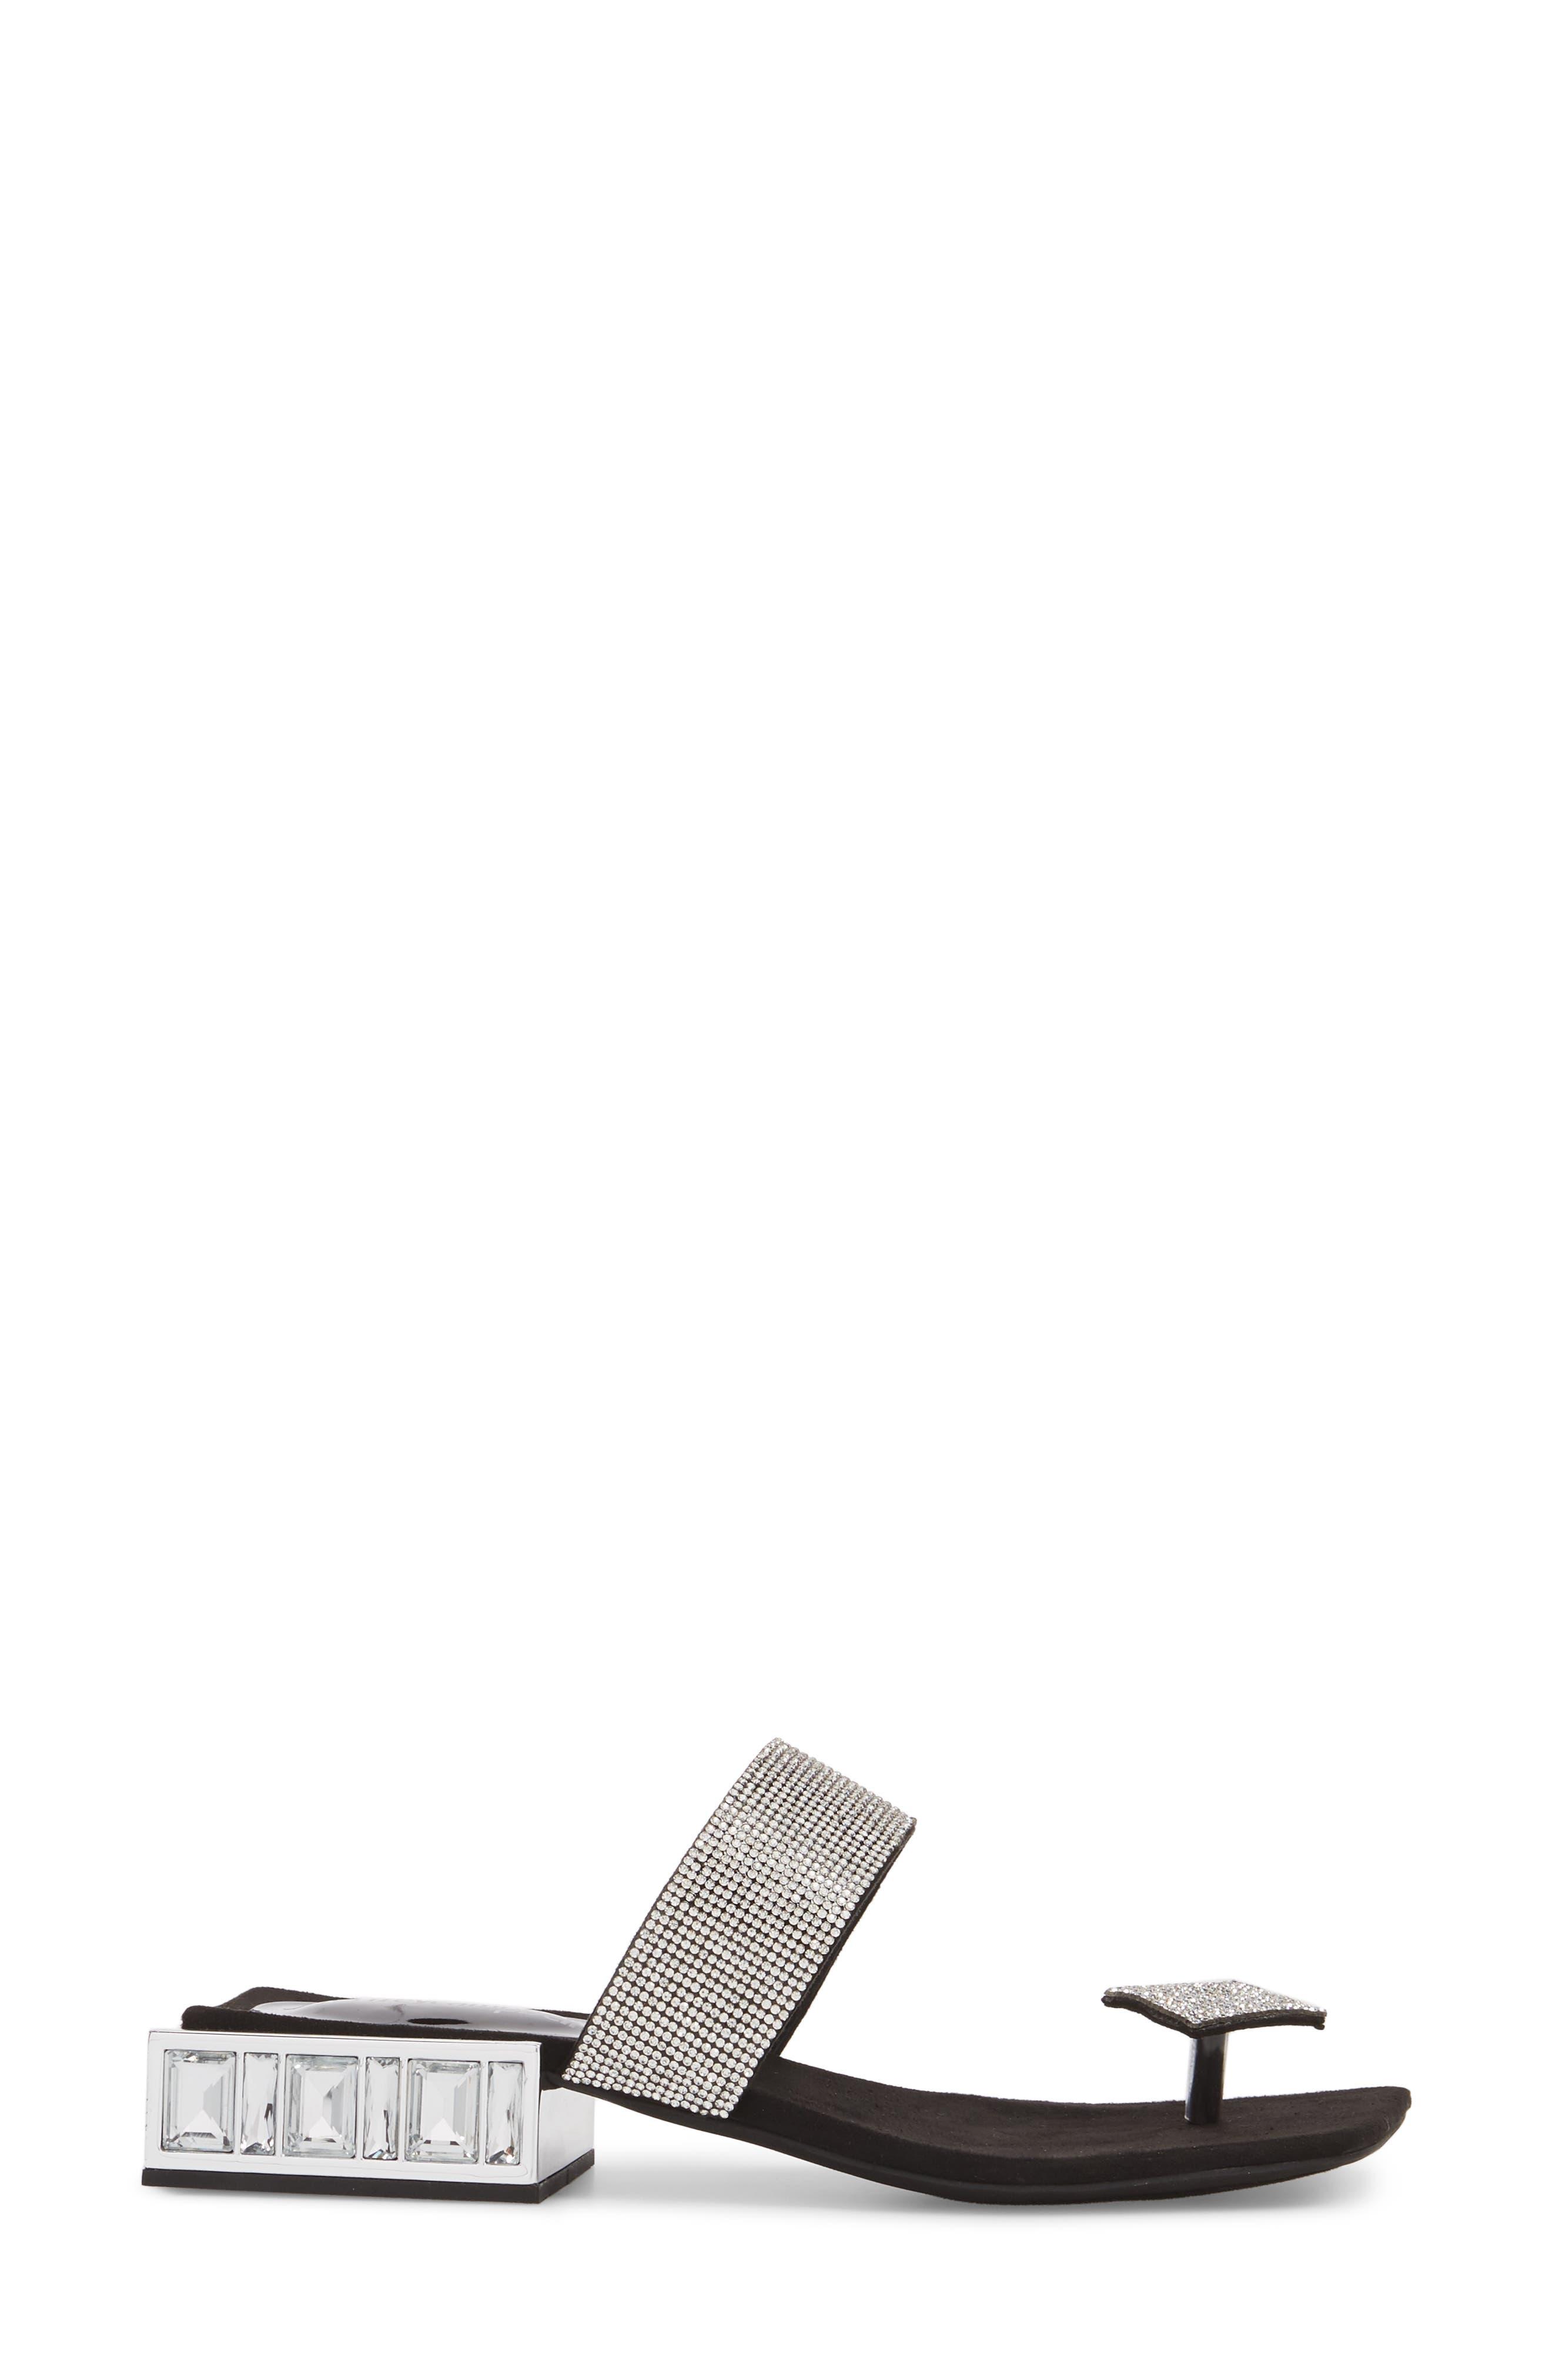 Alise Embellished Sandal,                             Alternate thumbnail 3, color,                             Black Suede/ Silver